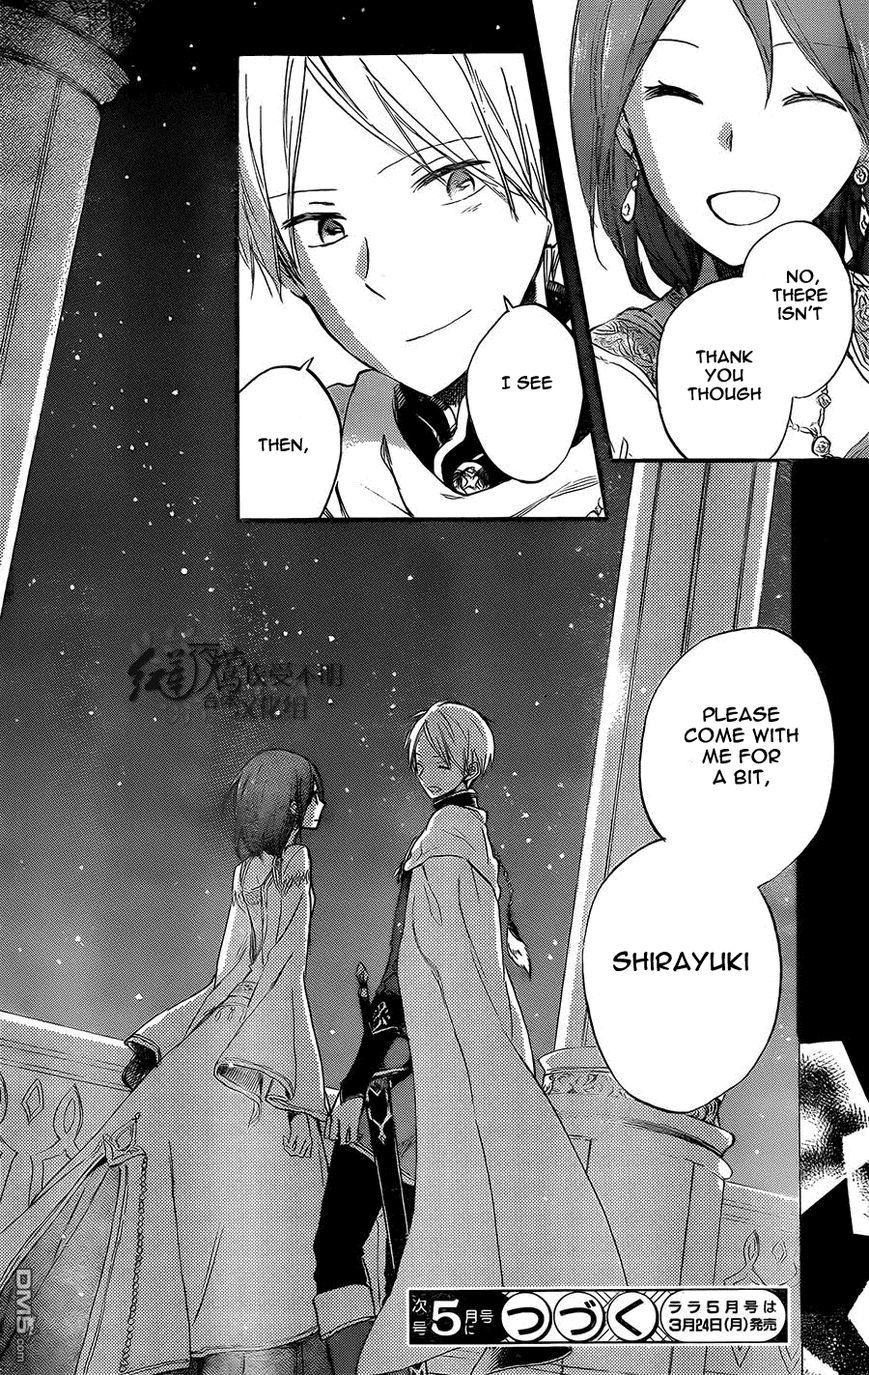 Akagami no shirayukihime read akagami no shirayukihime chapter